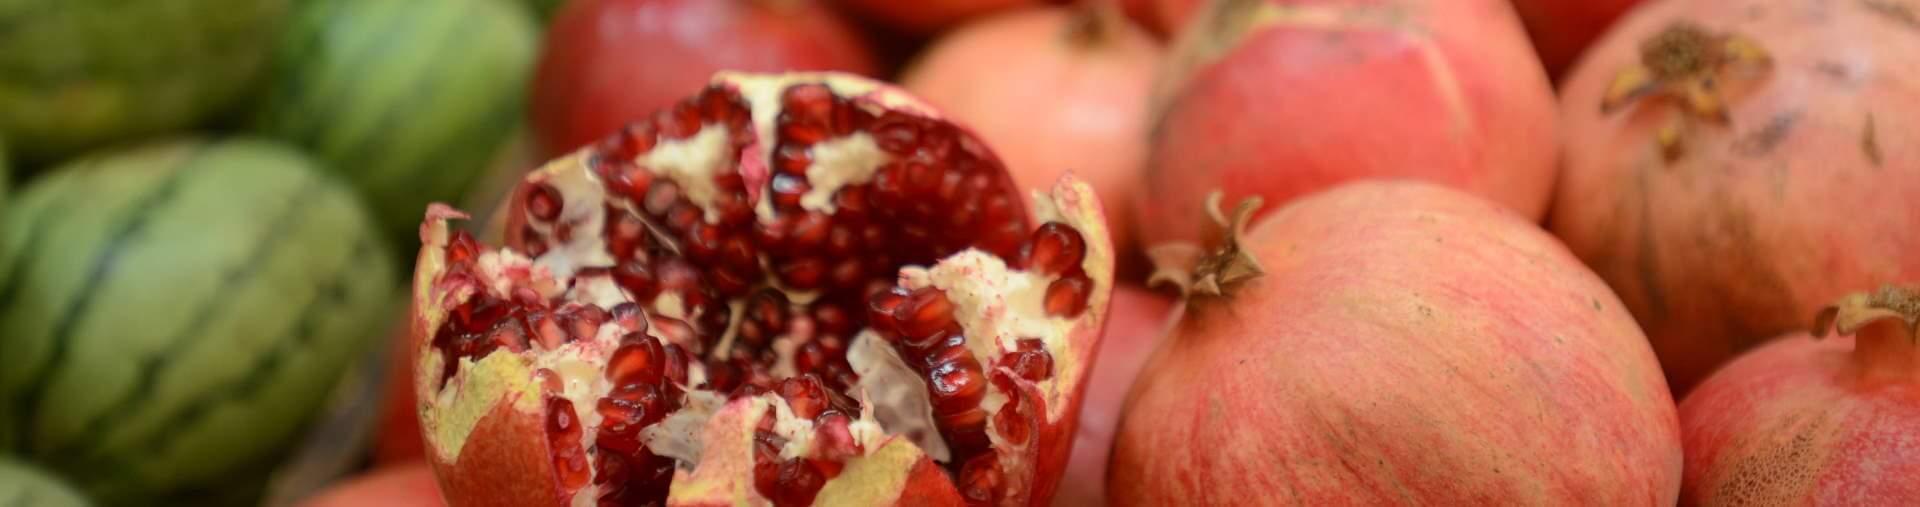 pomegranate tour